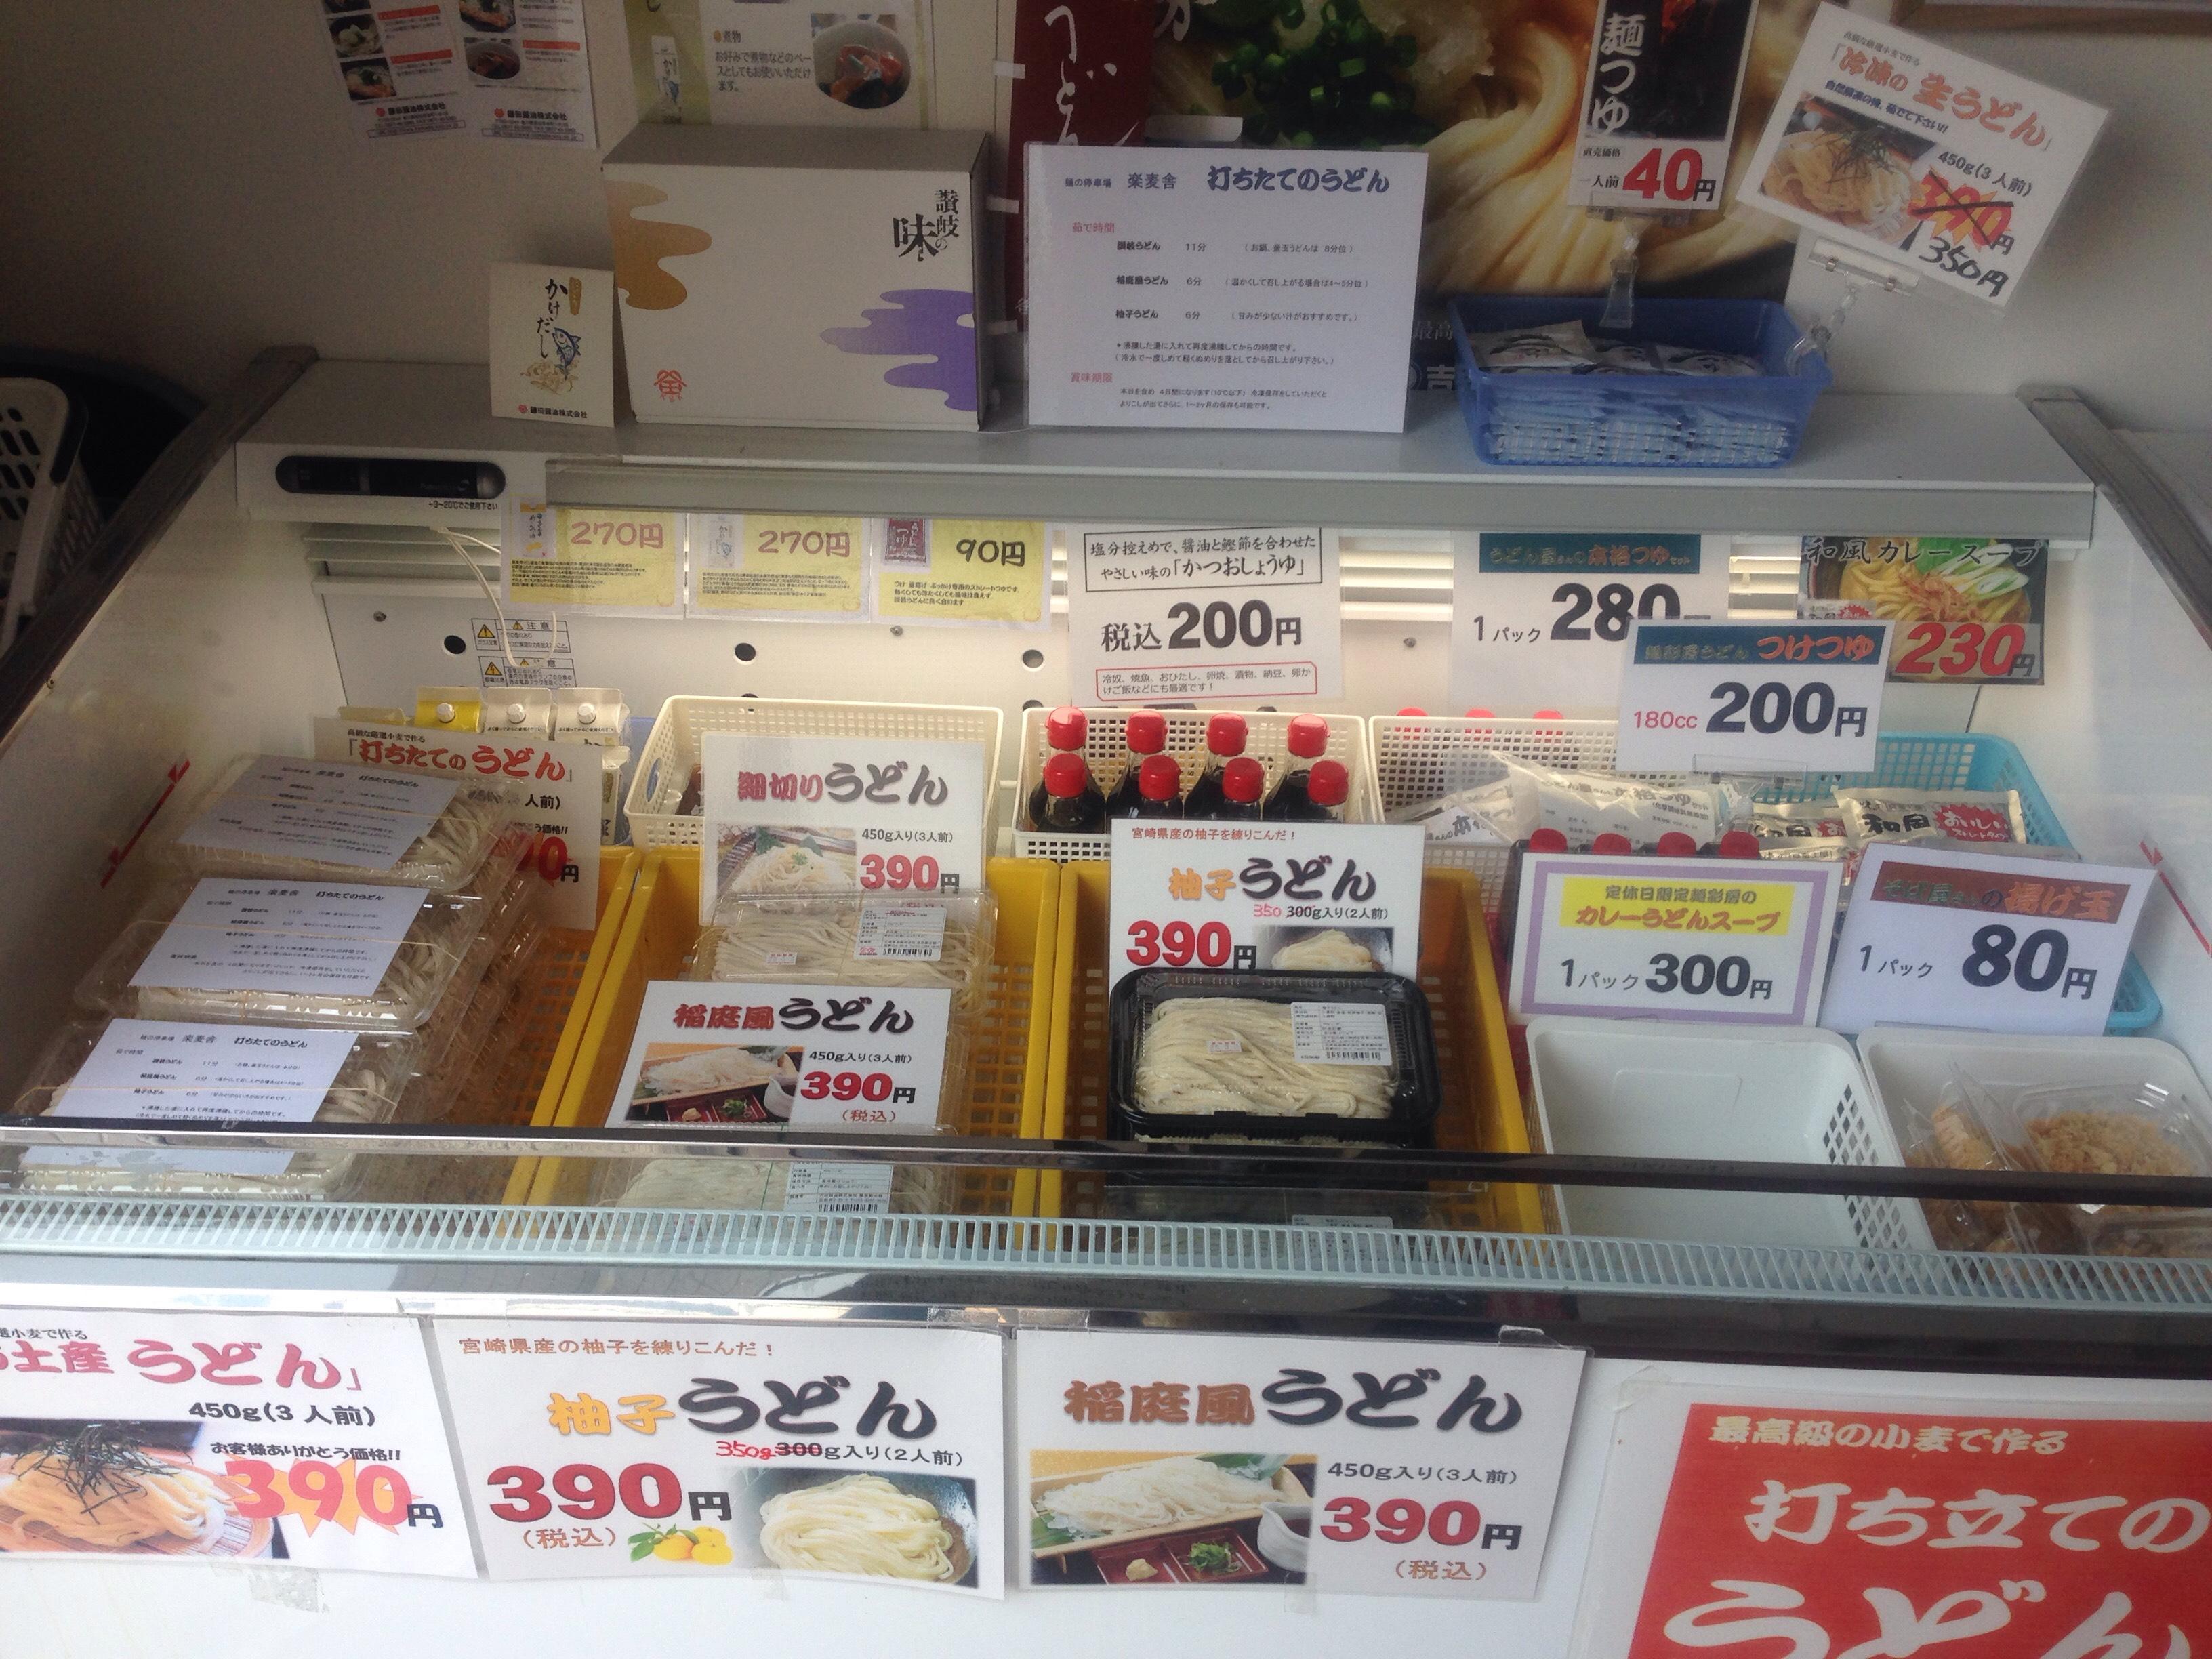 東京都中野区新井3-6-7麺の停車場楽麦舎打ちたて生うどん直売会店内うどん販売冷蔵ケース